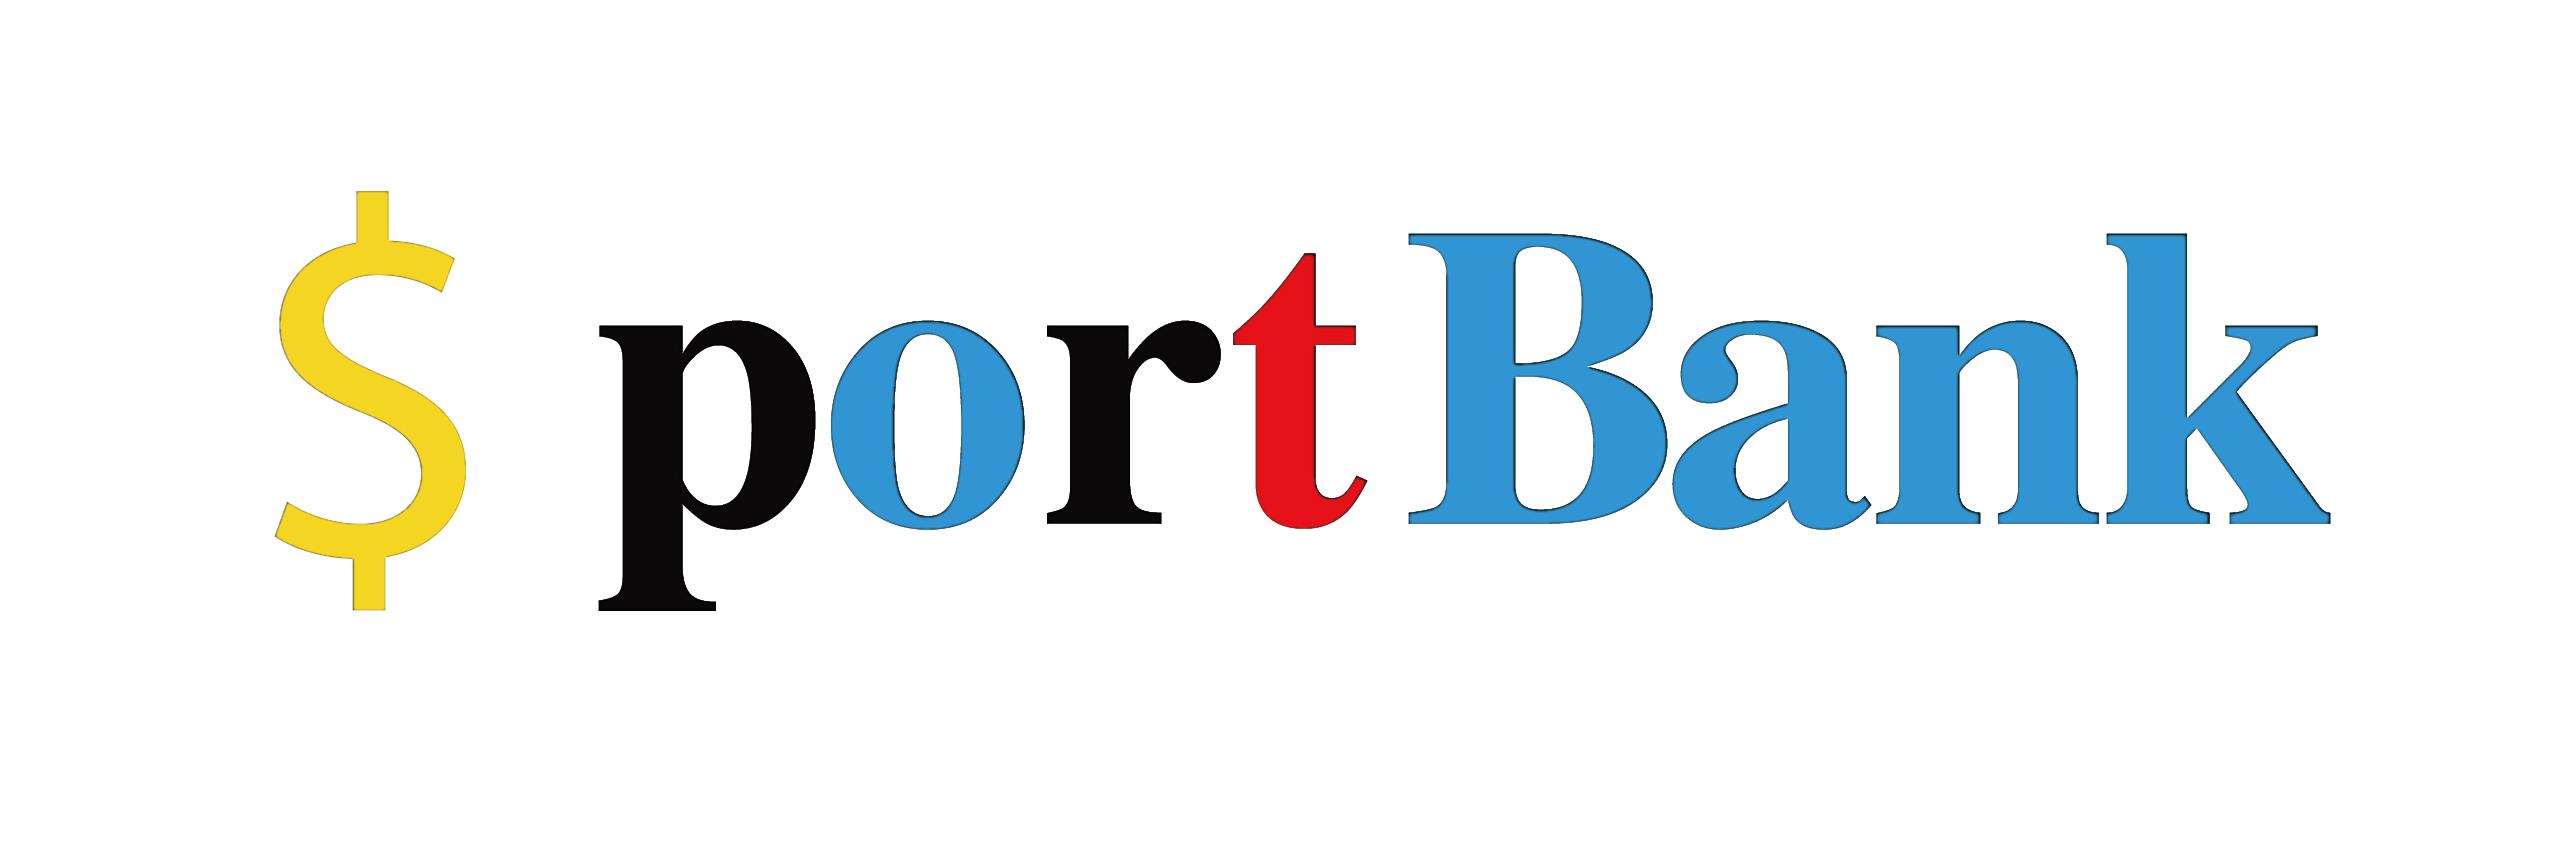 体育bank